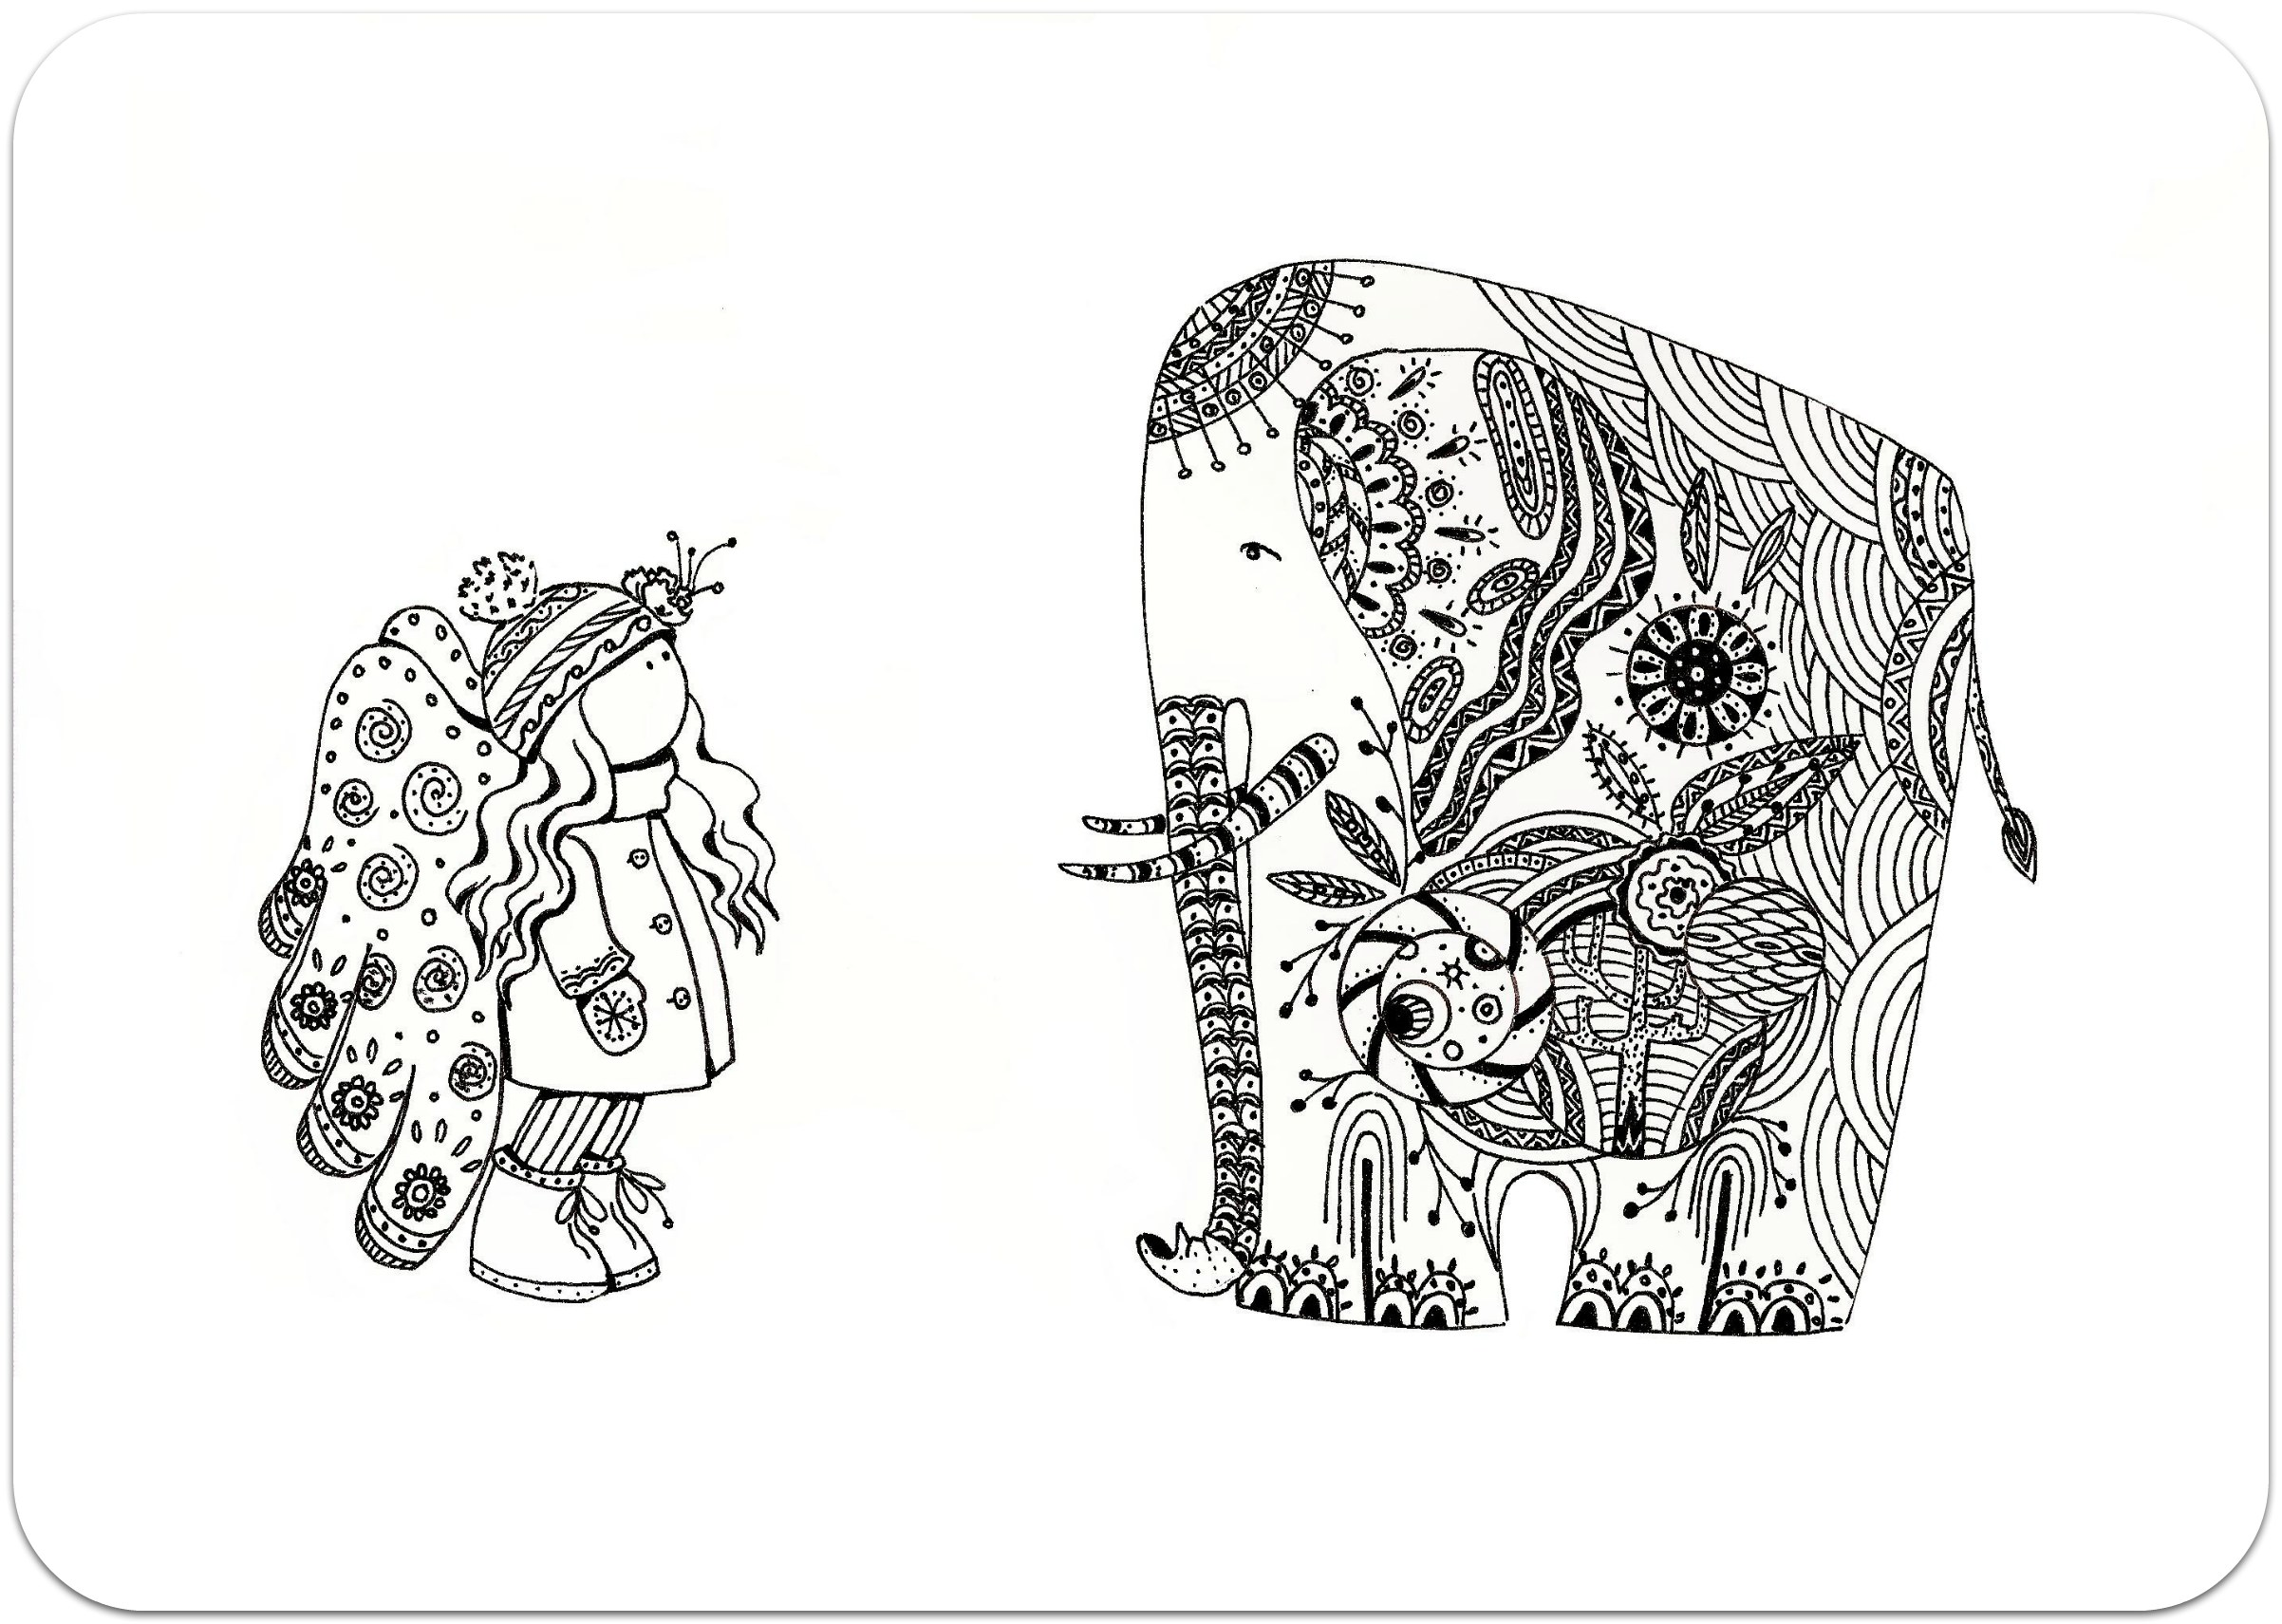 раскраски для взрослых, раскраски антистресс, тварини, путешествие, сложные раскраски антистрживотныетные, слон